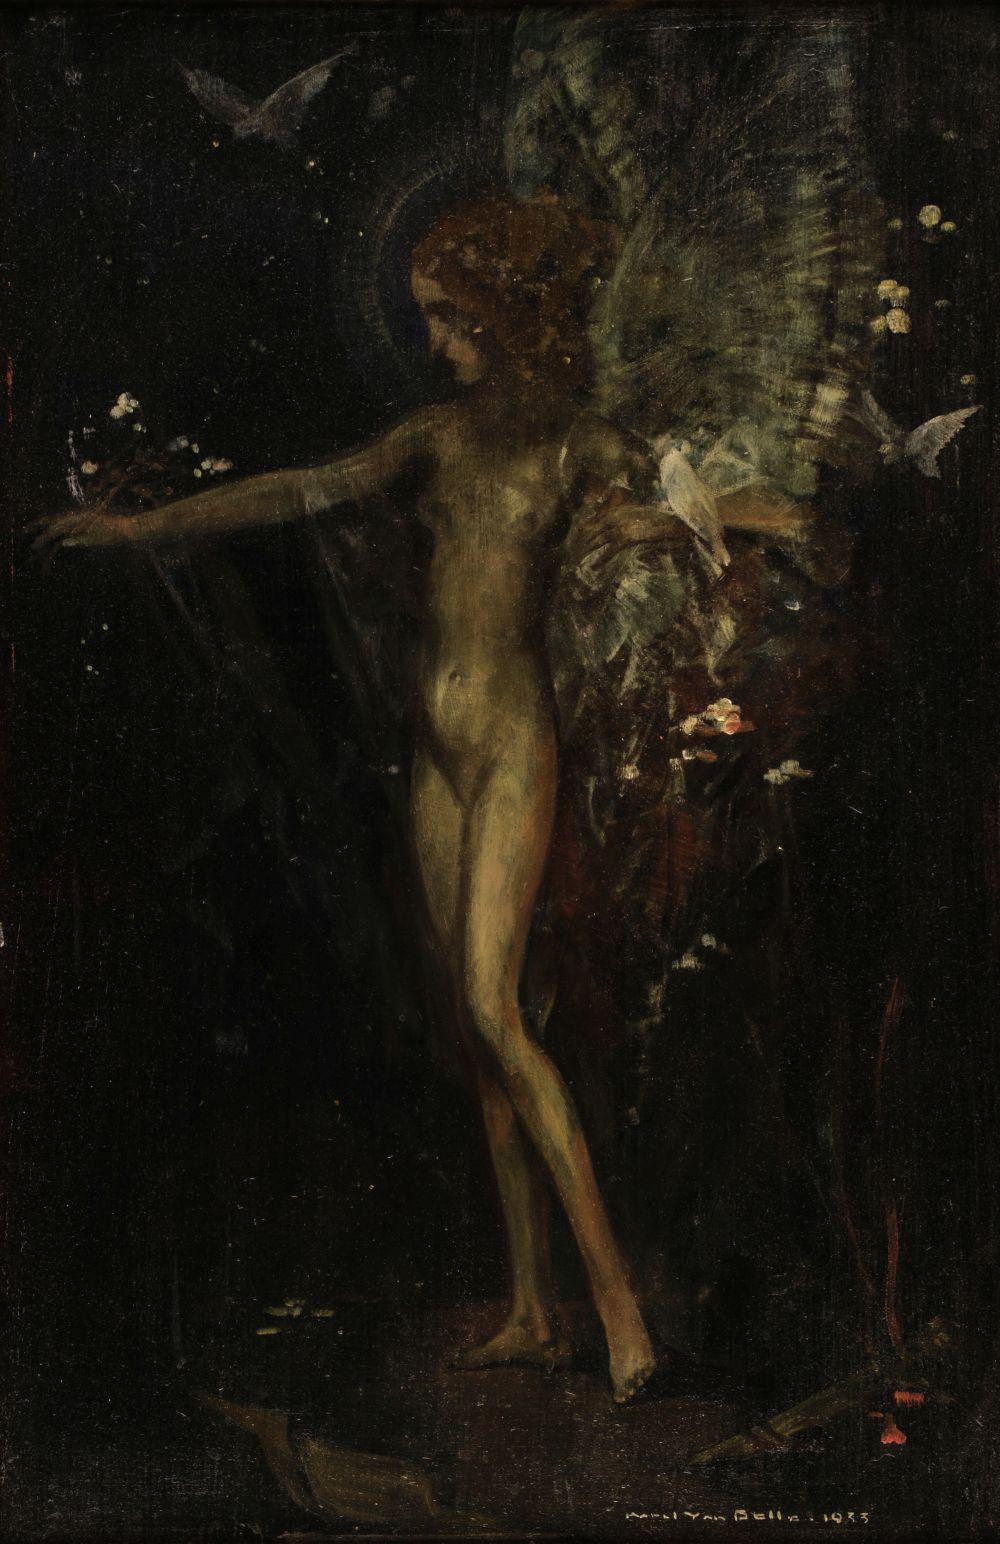 * Van Belle (Karel, 1884-1959). Fairy with doves in a dark glen, 1933